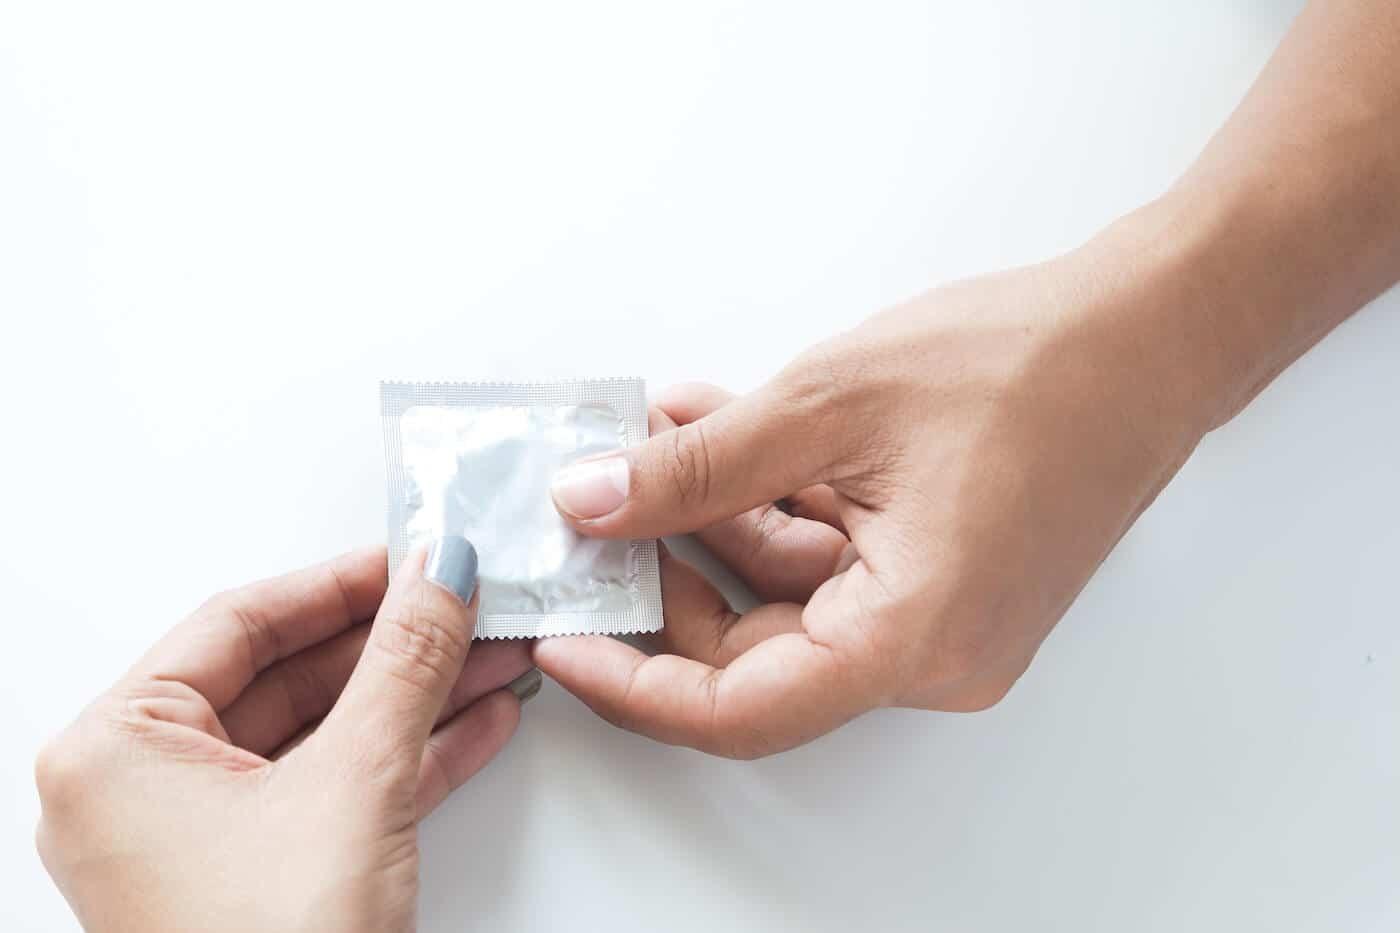 Quan hệ tình dục an toàn giúp phòng chống sưng da bao quy đầu